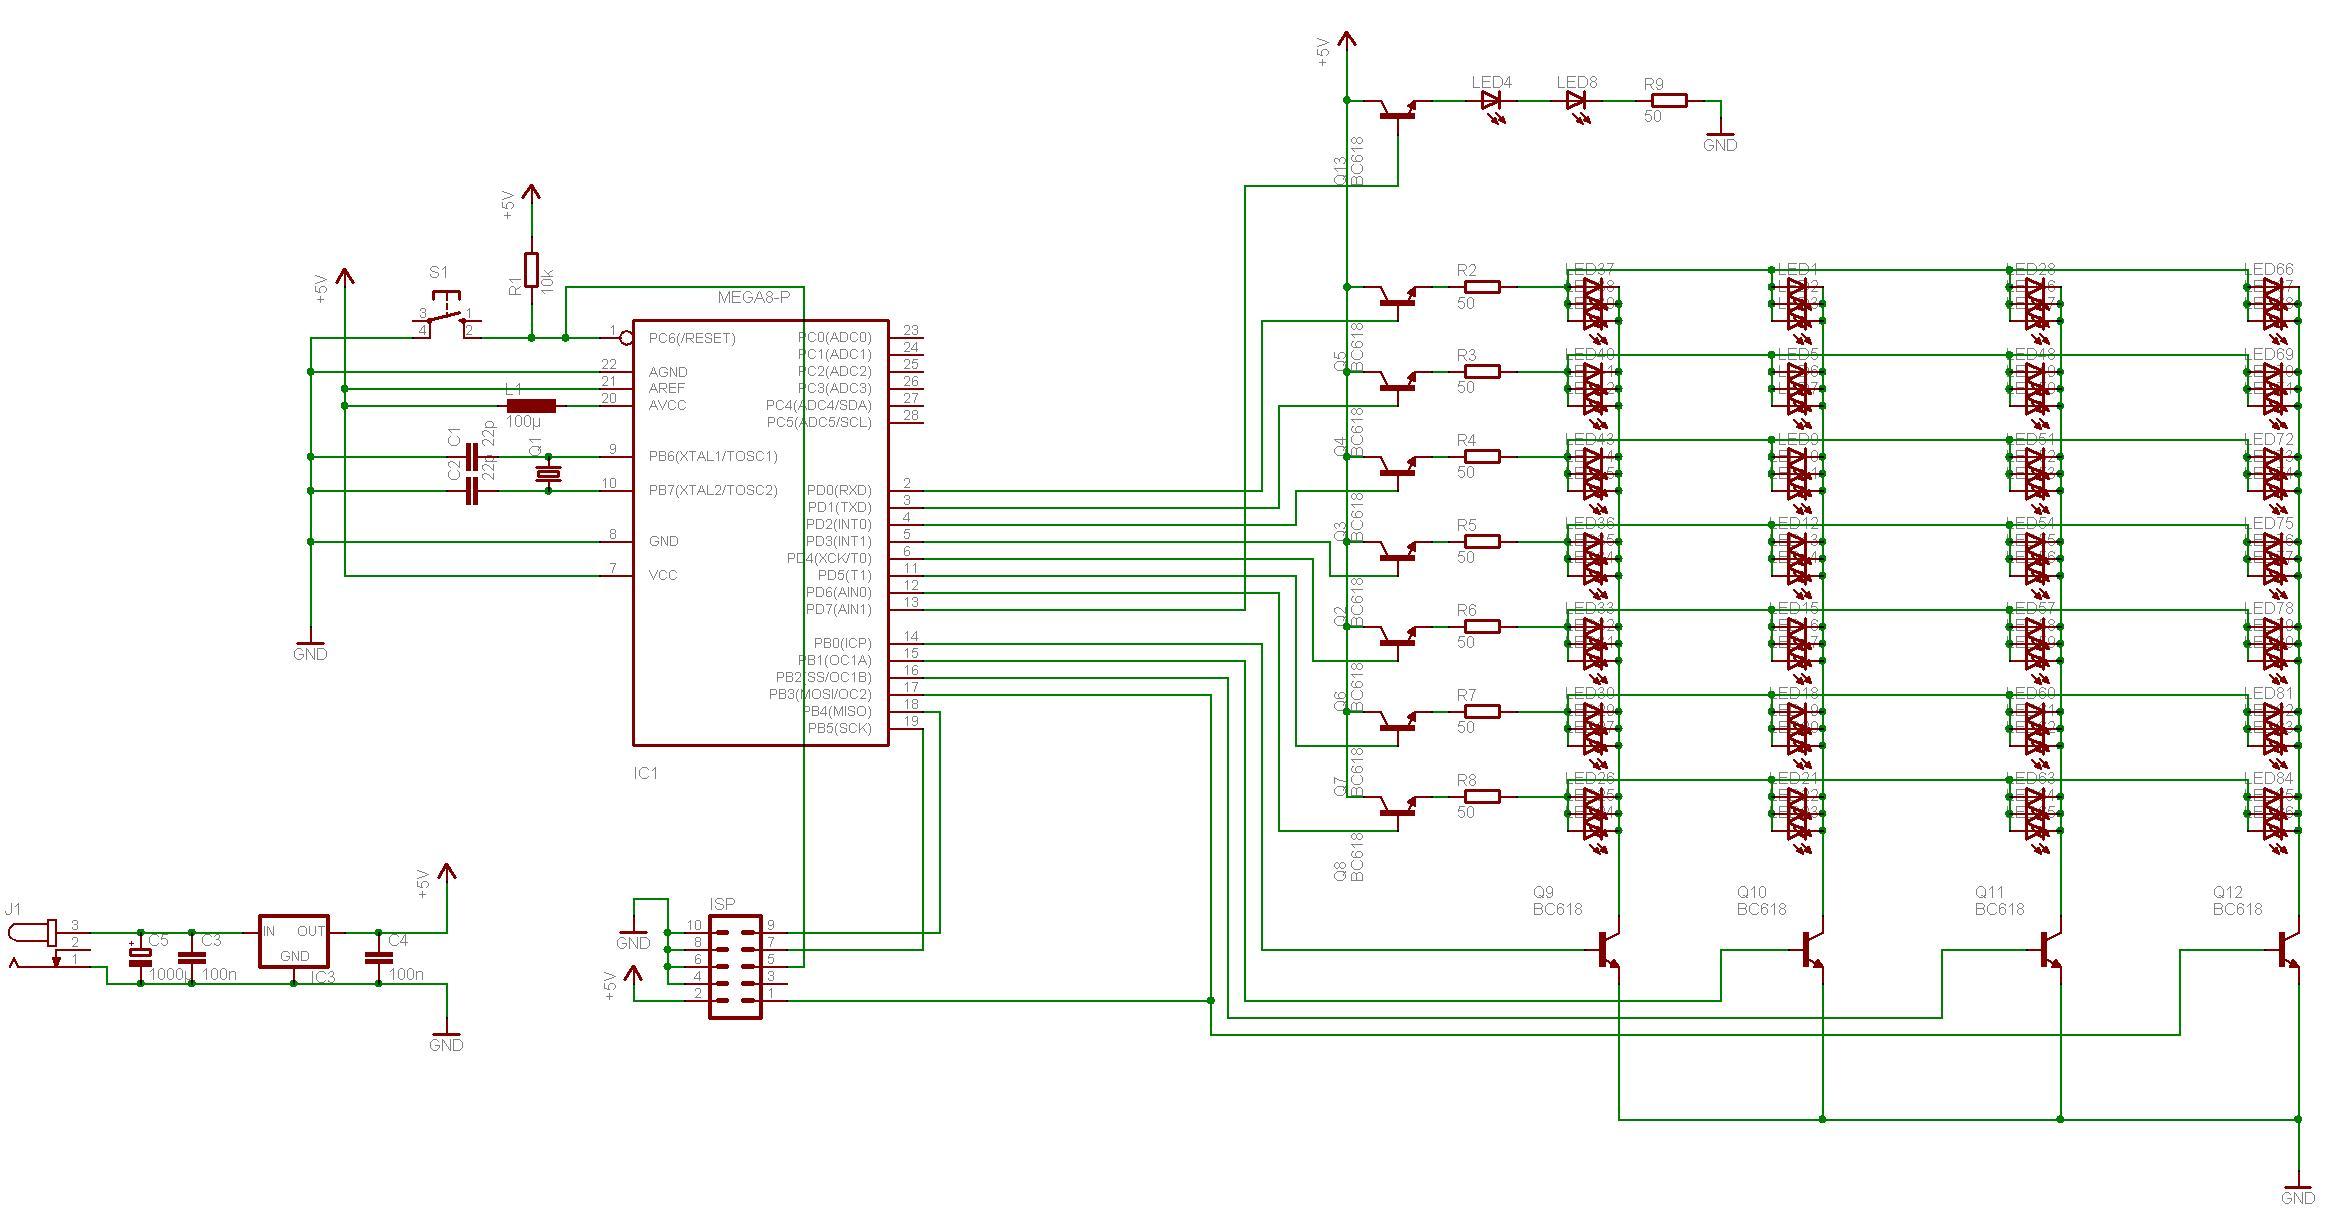 Ungewöhnlich Uhr 1500 Schaltplan Galerie - Elektrische Schaltplan ...